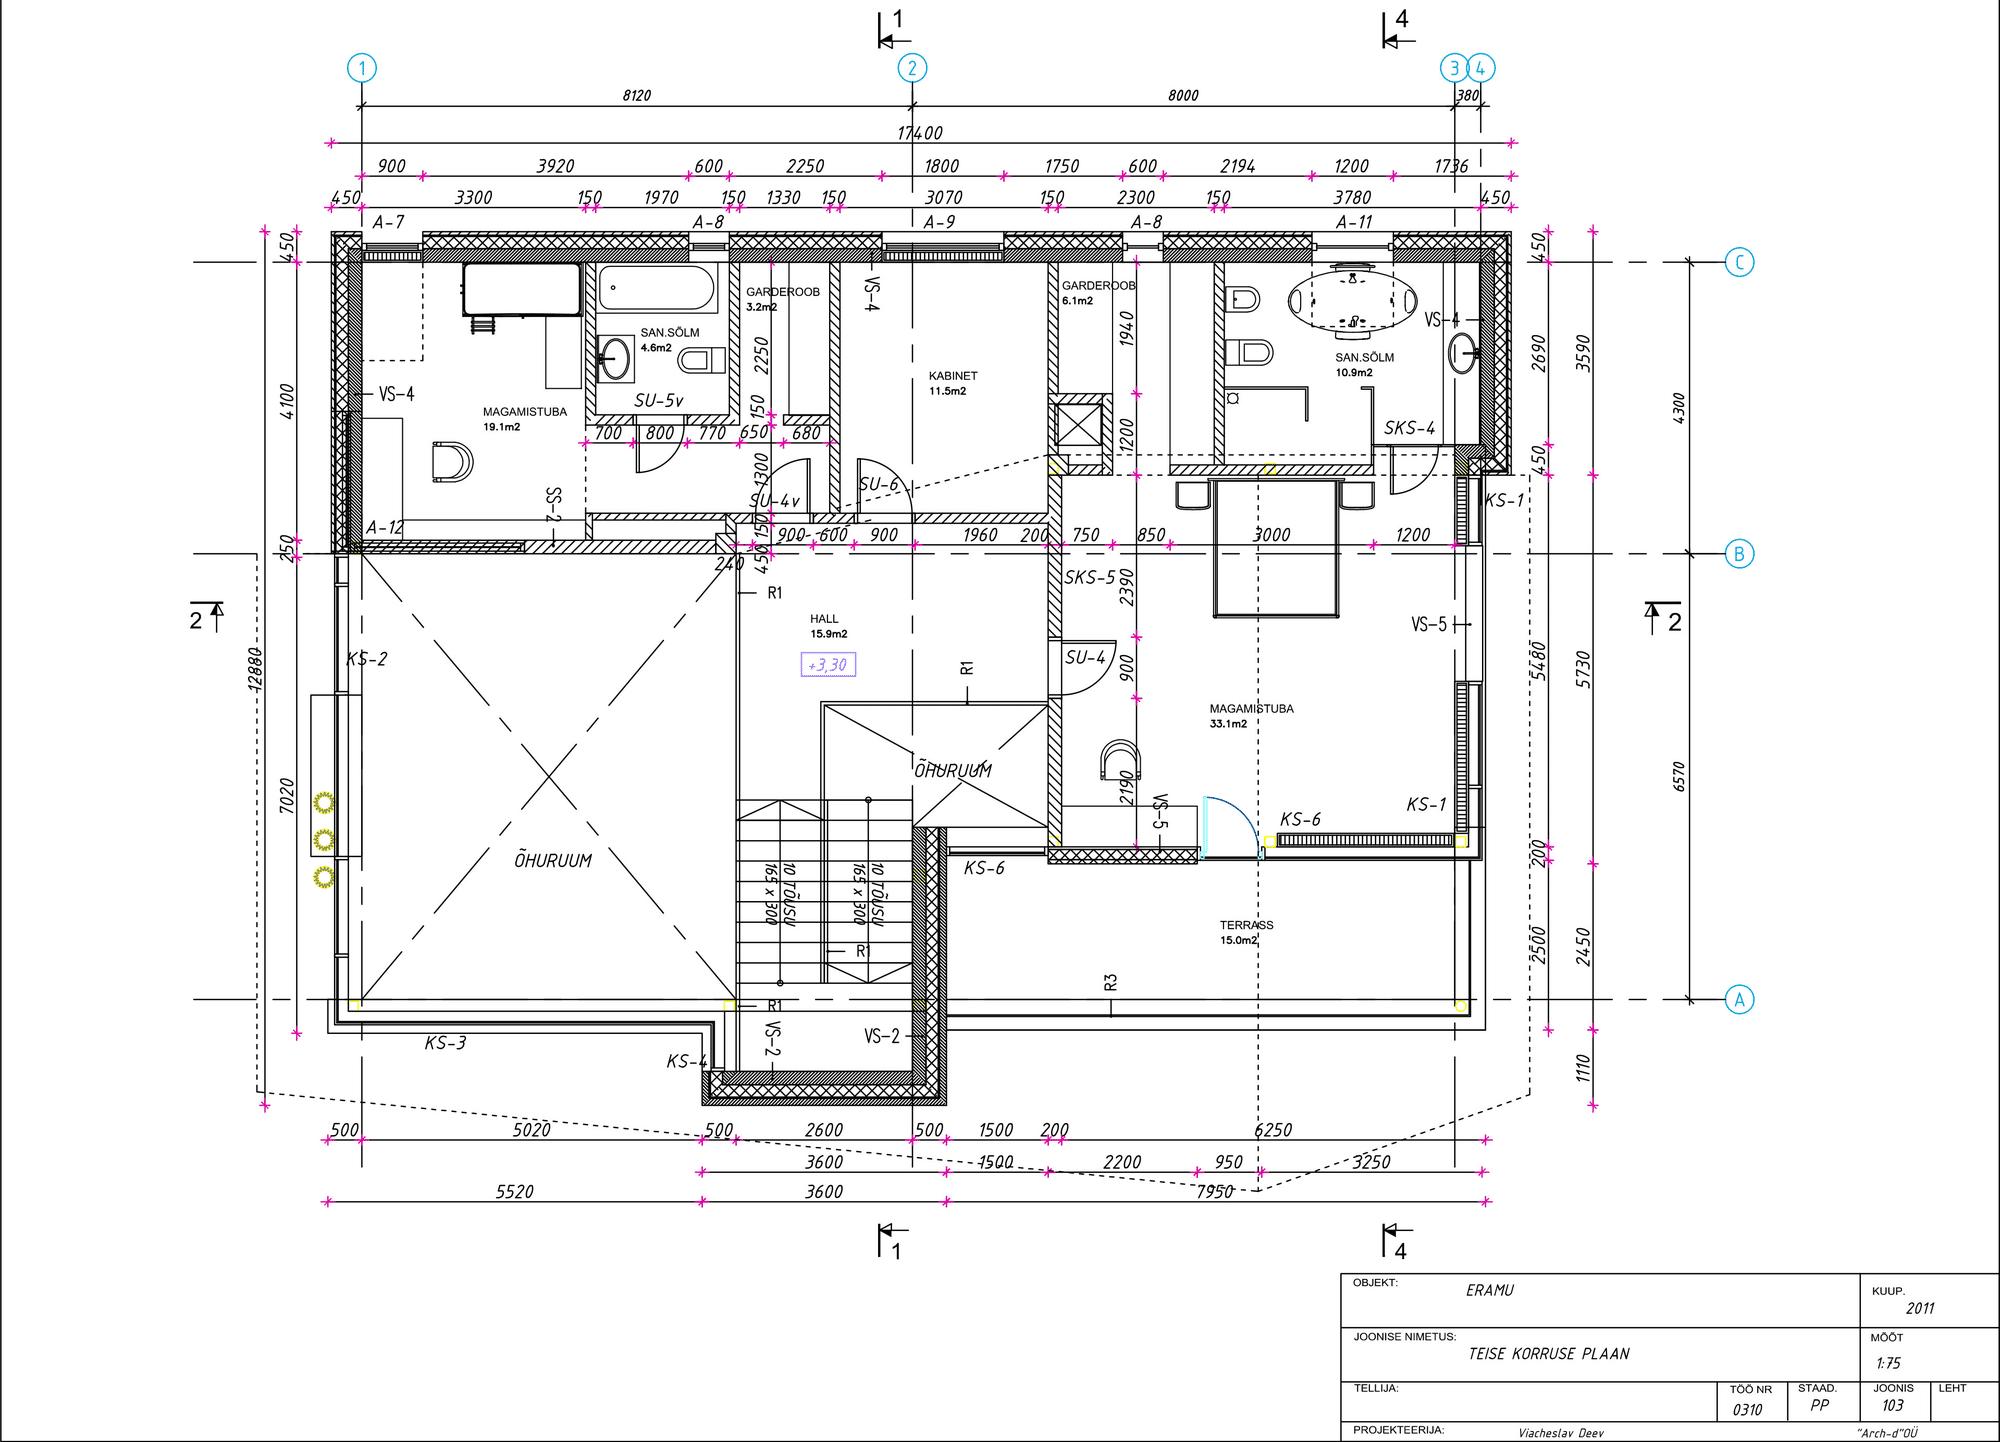 Casa de campo con planos dise o de fachada e interiores for Plano casa campo